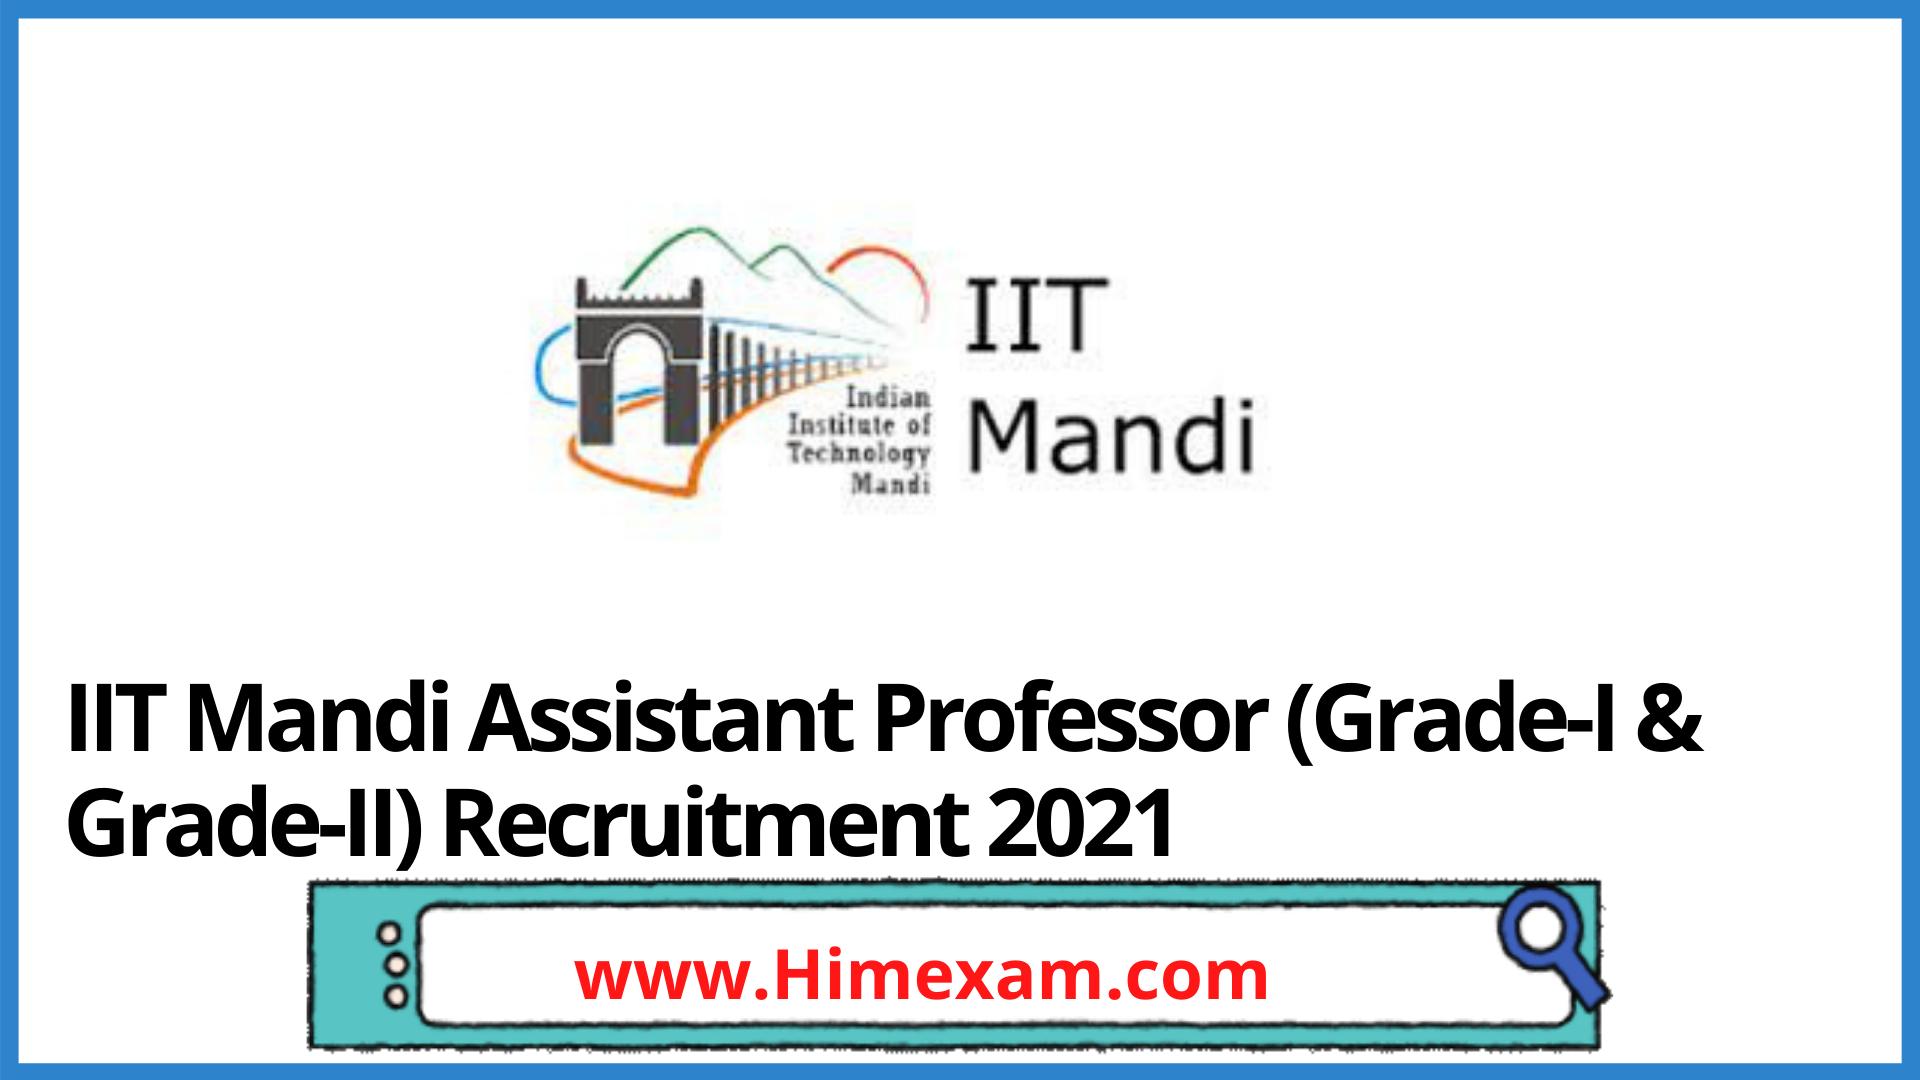 IIT Mandi Assistant Professor (Grade-I & Grade-II) Recruitment 2021